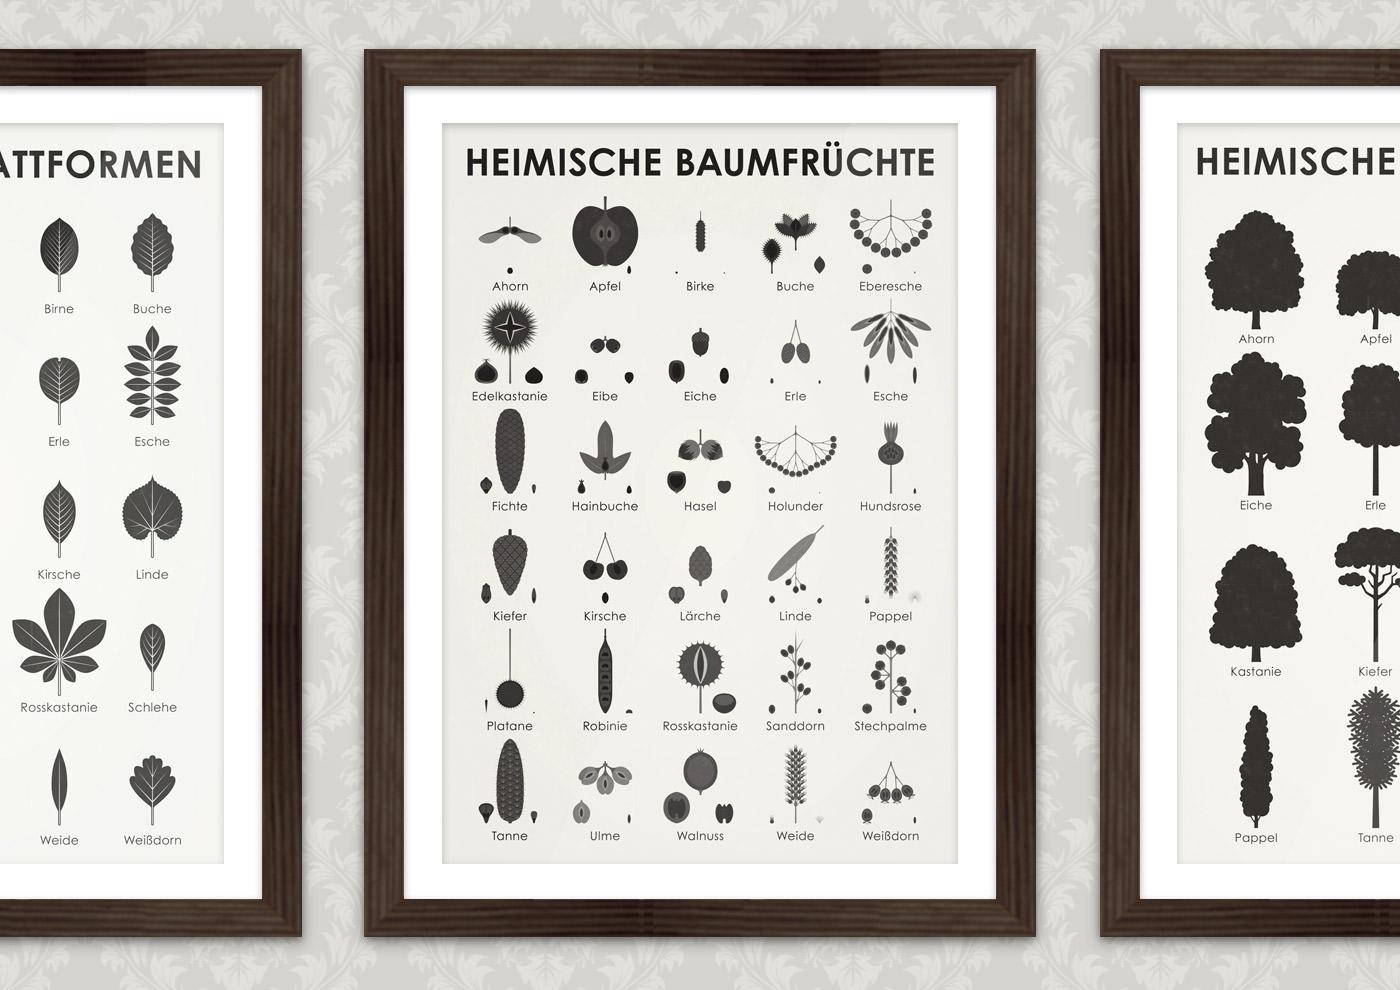 Poster mit Infografiken zur Bestimmung von Heimischen Baumfrüchte und Baumzapfen, also Früchte und Zapfen, Samen und Saaten von Bäumen und Sträuchern wie Ahorn mit Nasen, Apfel, Birke mit Flügelnuss, Buche mit Bucheckern, Eberesche, Edelkastanie mit Maronen, Eibe, Eiche mit Eicheln, Erle, Esche, Fichte, Hainbuche, Hasel mit Nüssen, Holunder mit Beeren, Hundsrose mit Hagebutten, Kiefer, Kirsche, Lärche, Linde, Pappel, Platane, Robinie, Rosskastanie, Sanddorn, Stechpalme, Tanne, Ulme, Walnuss, Weide und Weißdorn.